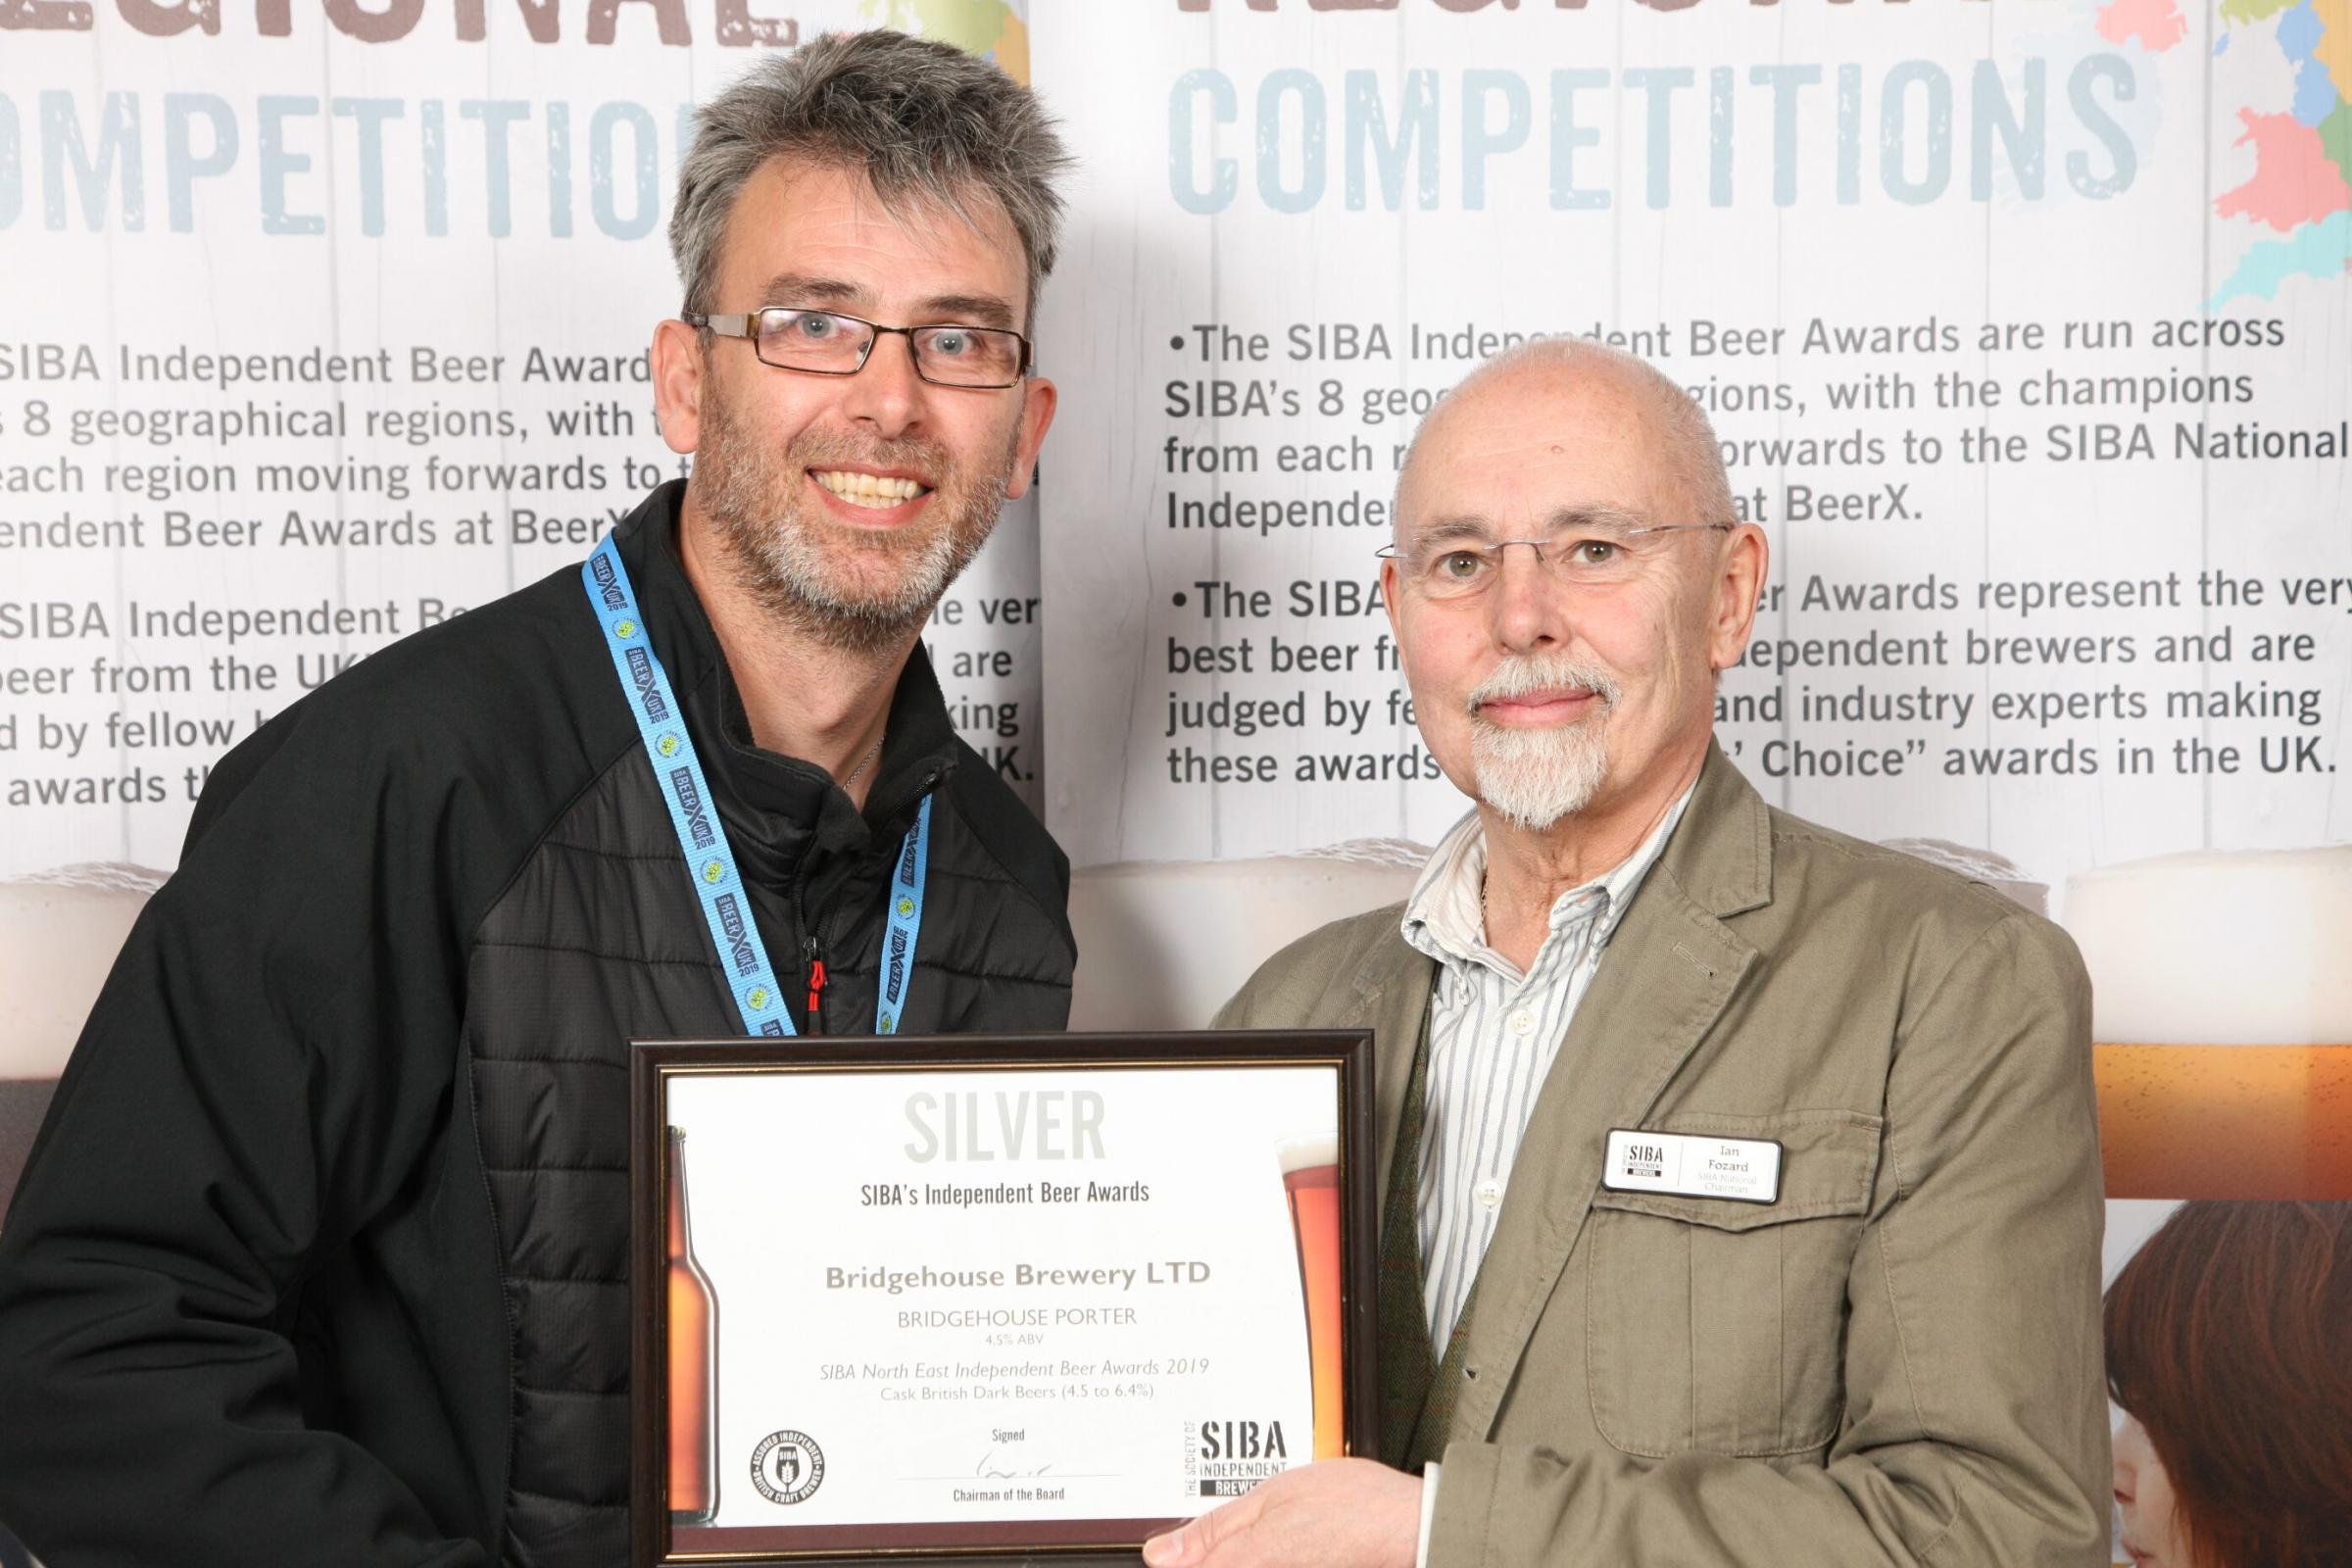 Brewery toasts awards success